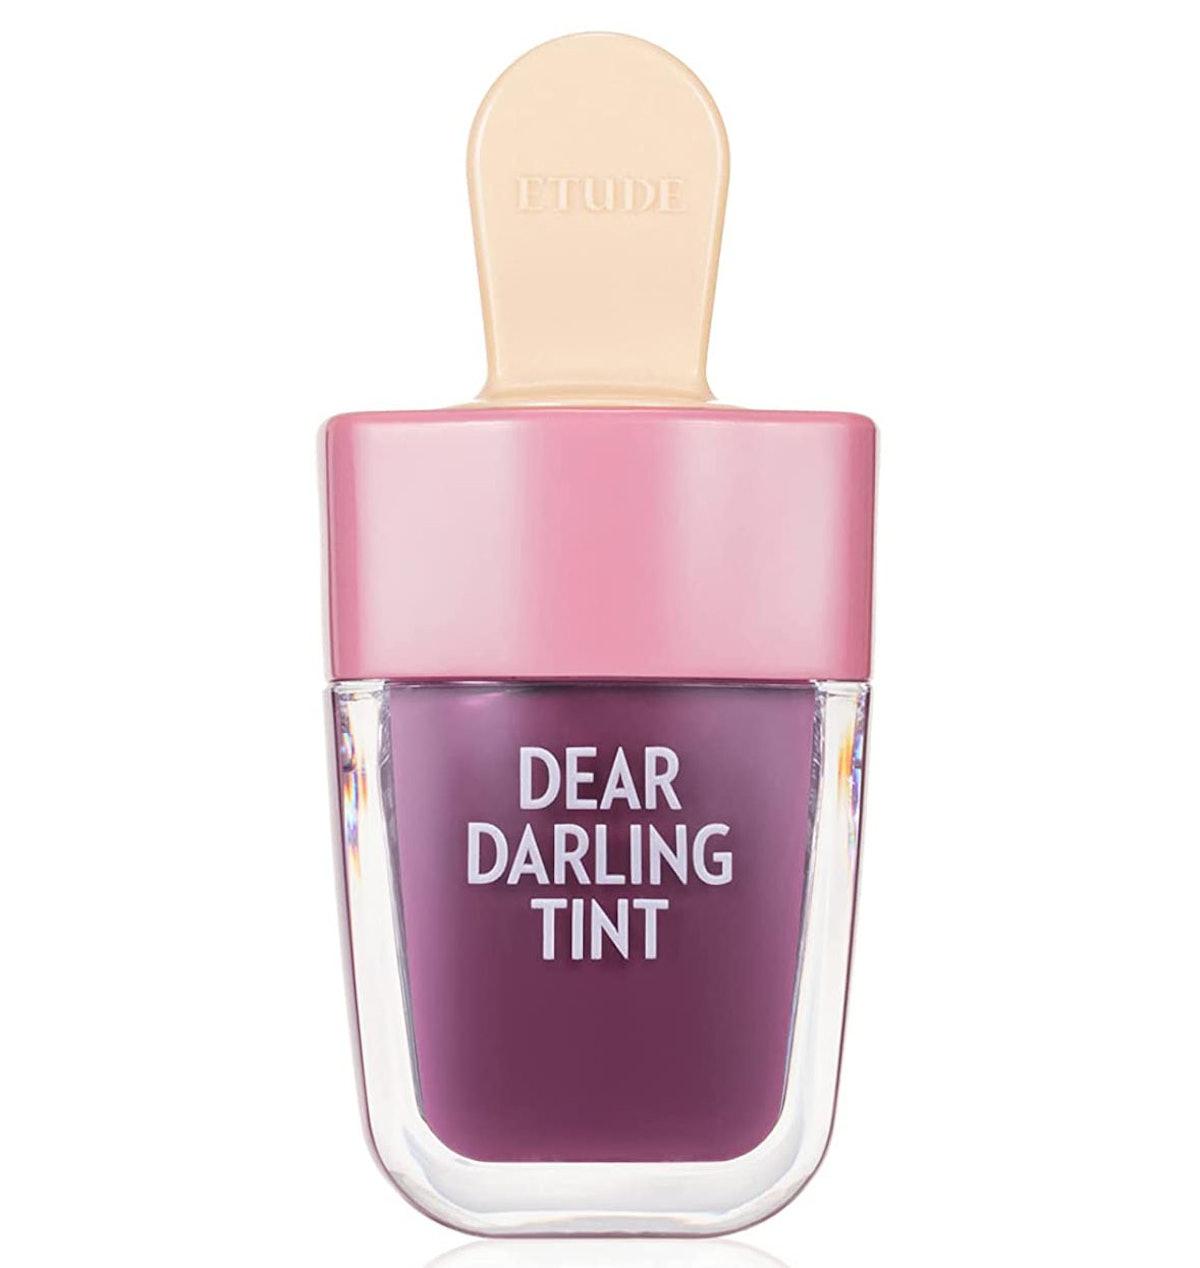 ETUDE HOUSE Dear Darling Water Gel Tint